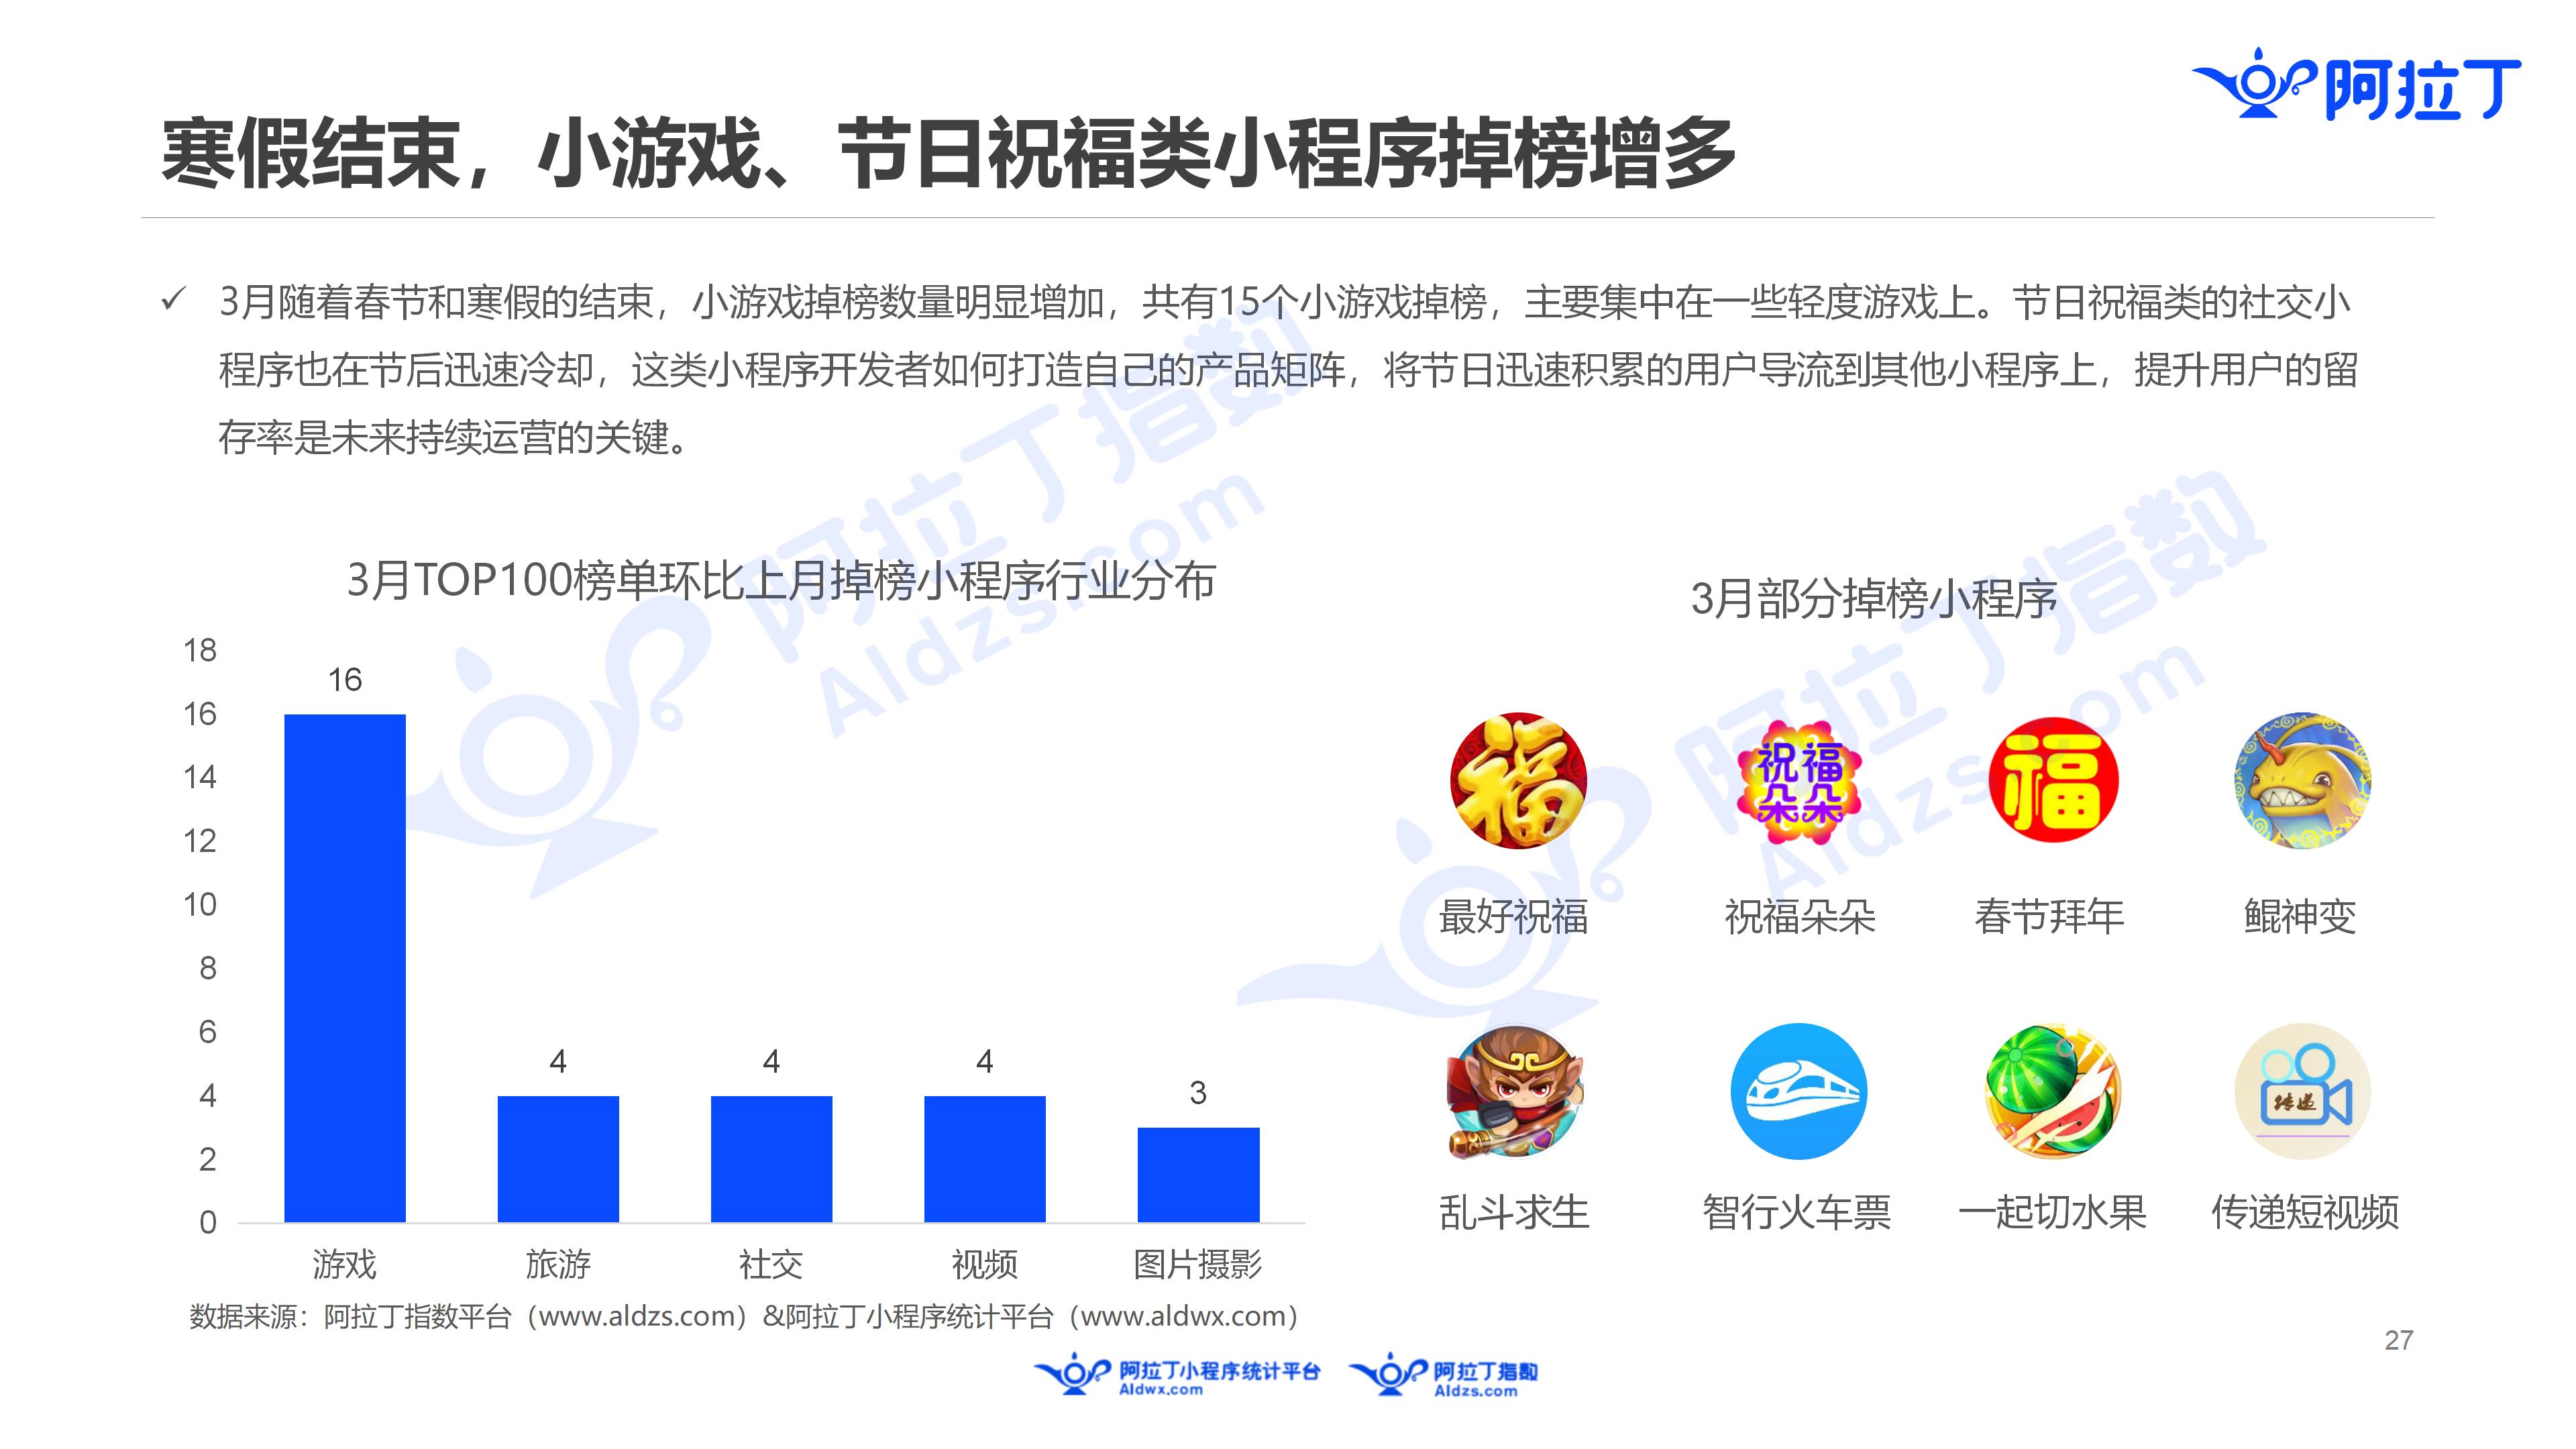 2019年3月中国小程序行业月度报告v5(1)_27.png